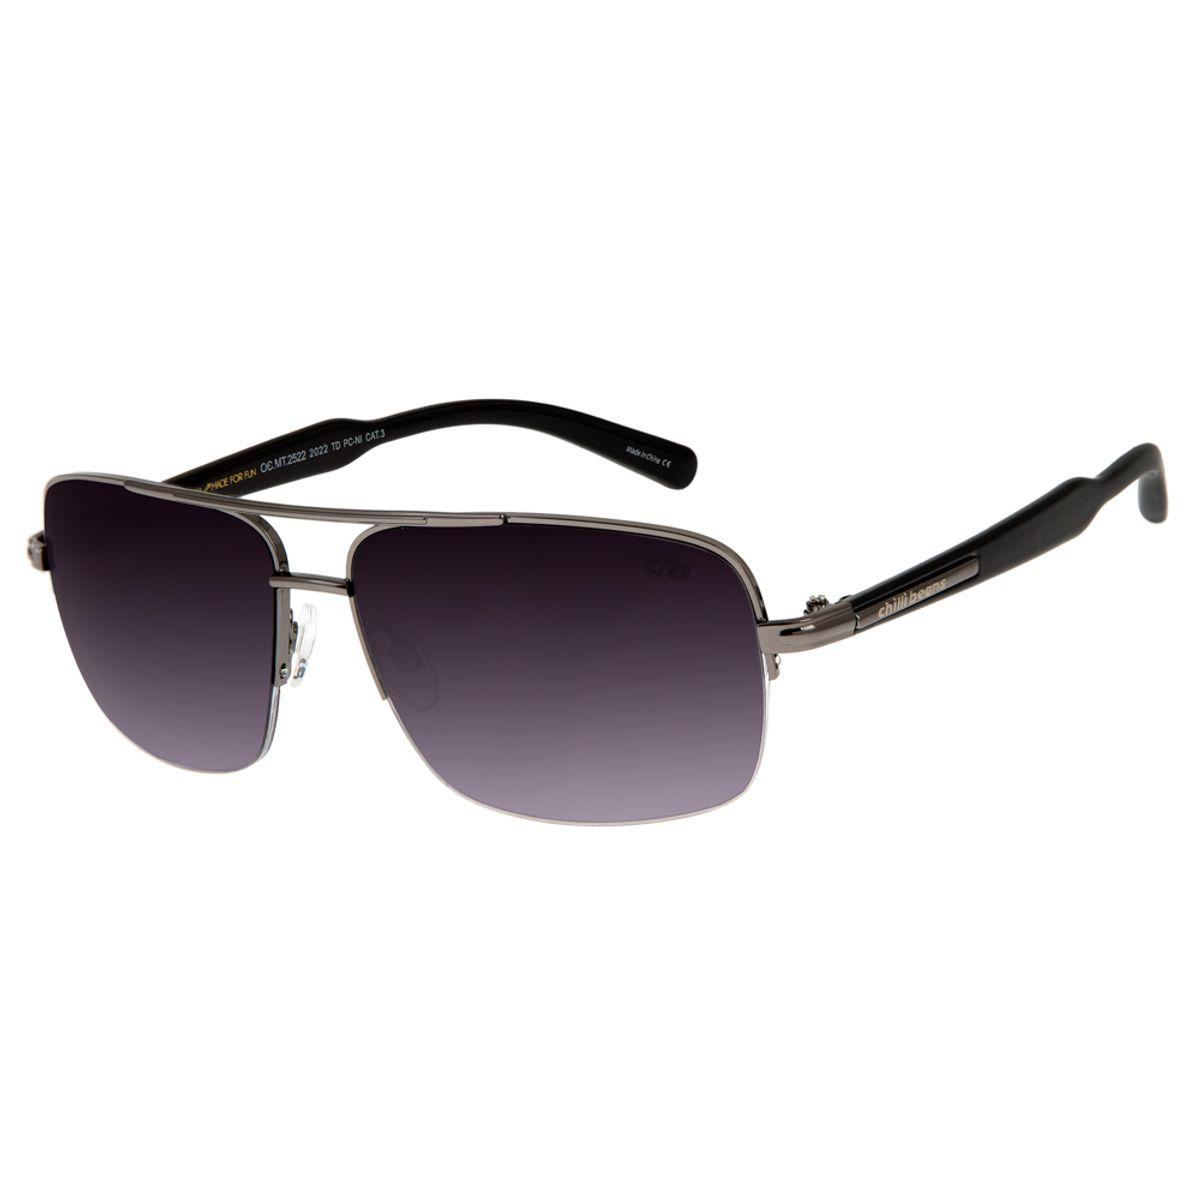 772f47768 Óculos de Sol Masculino Chilli Beans Onix 2522 - OC.MT.2522.2022 G. REF:  OC.MT.2522.2022. OC.